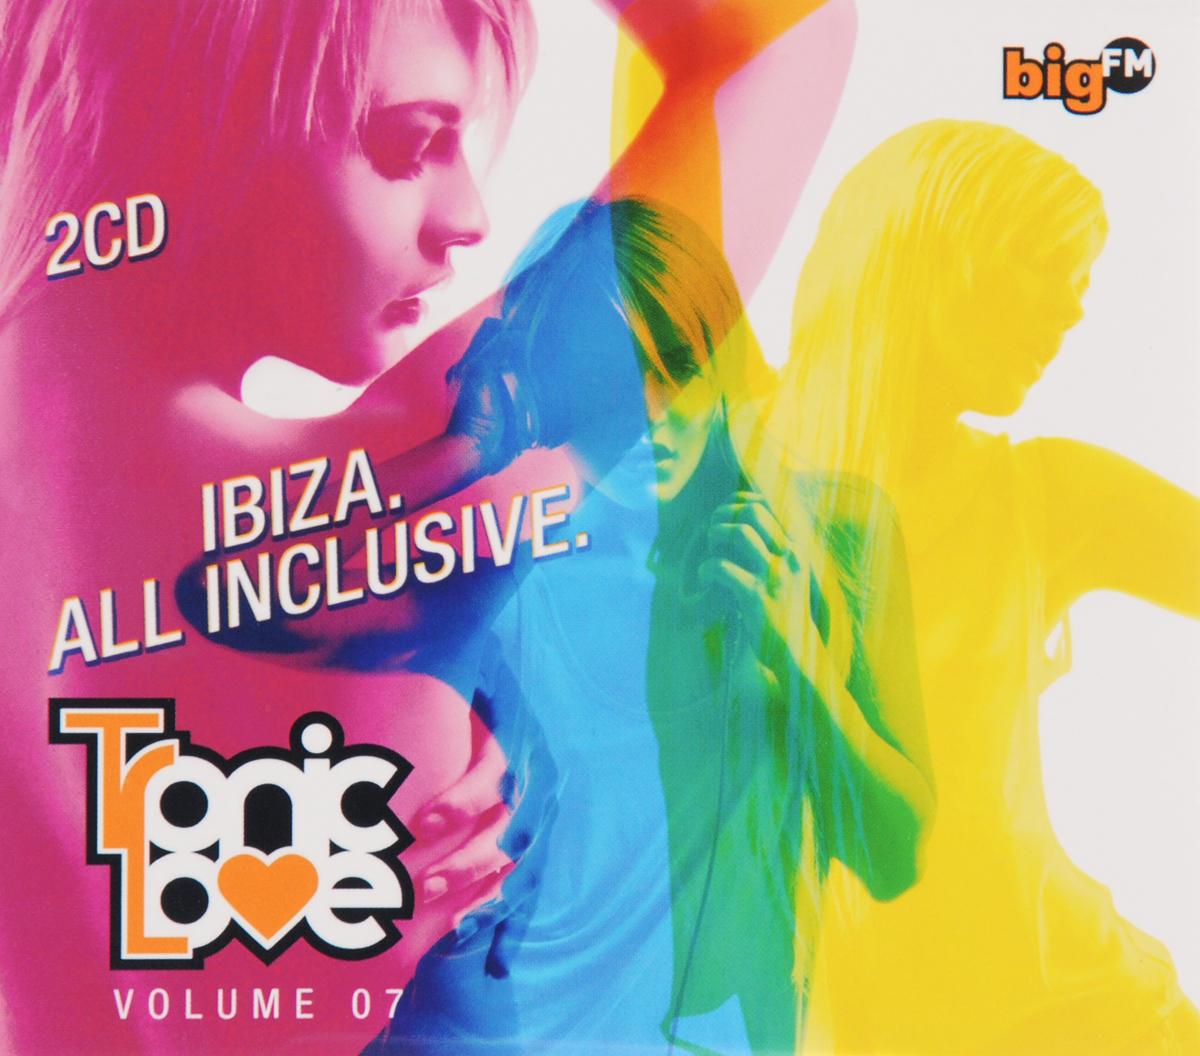 Big FM. Tronic Love. Volume 07 (2 CD) 2012 2 Audio CD